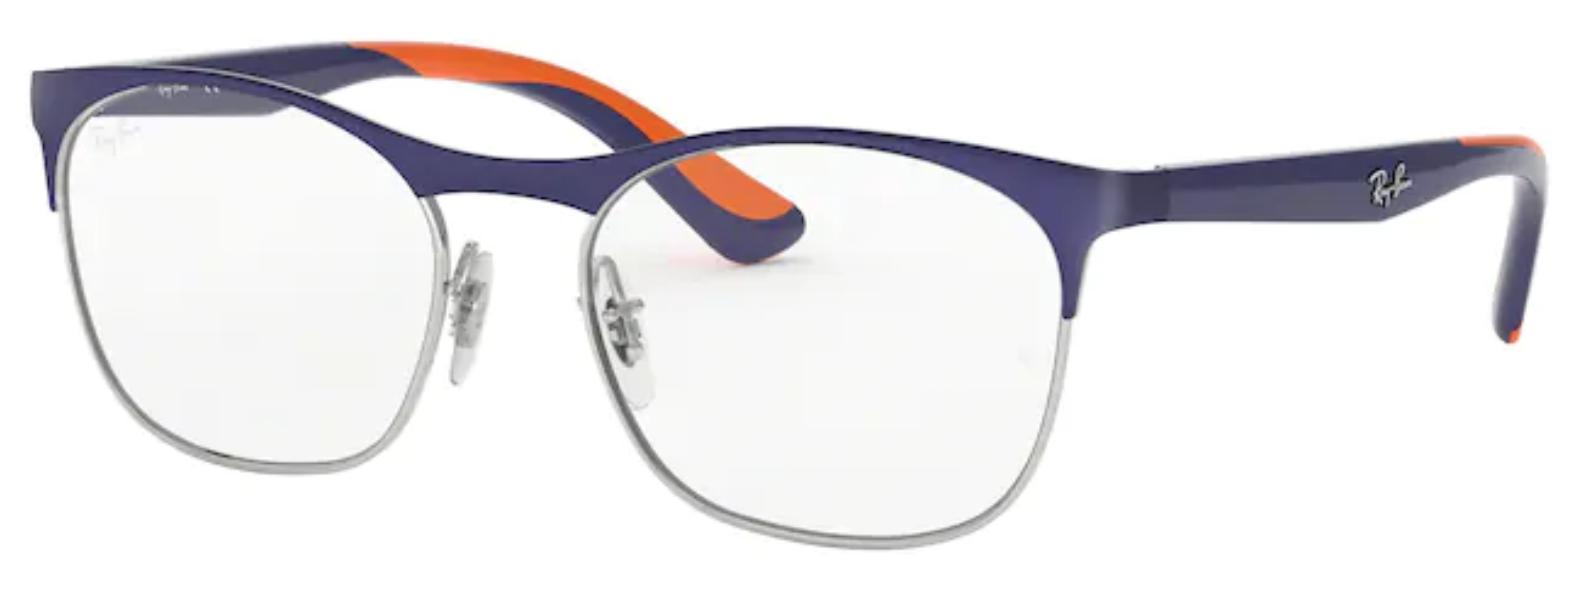 Óculos De Grau Ray Ban Infantil 4 a 6 anos RB1054 4073 Tam.49